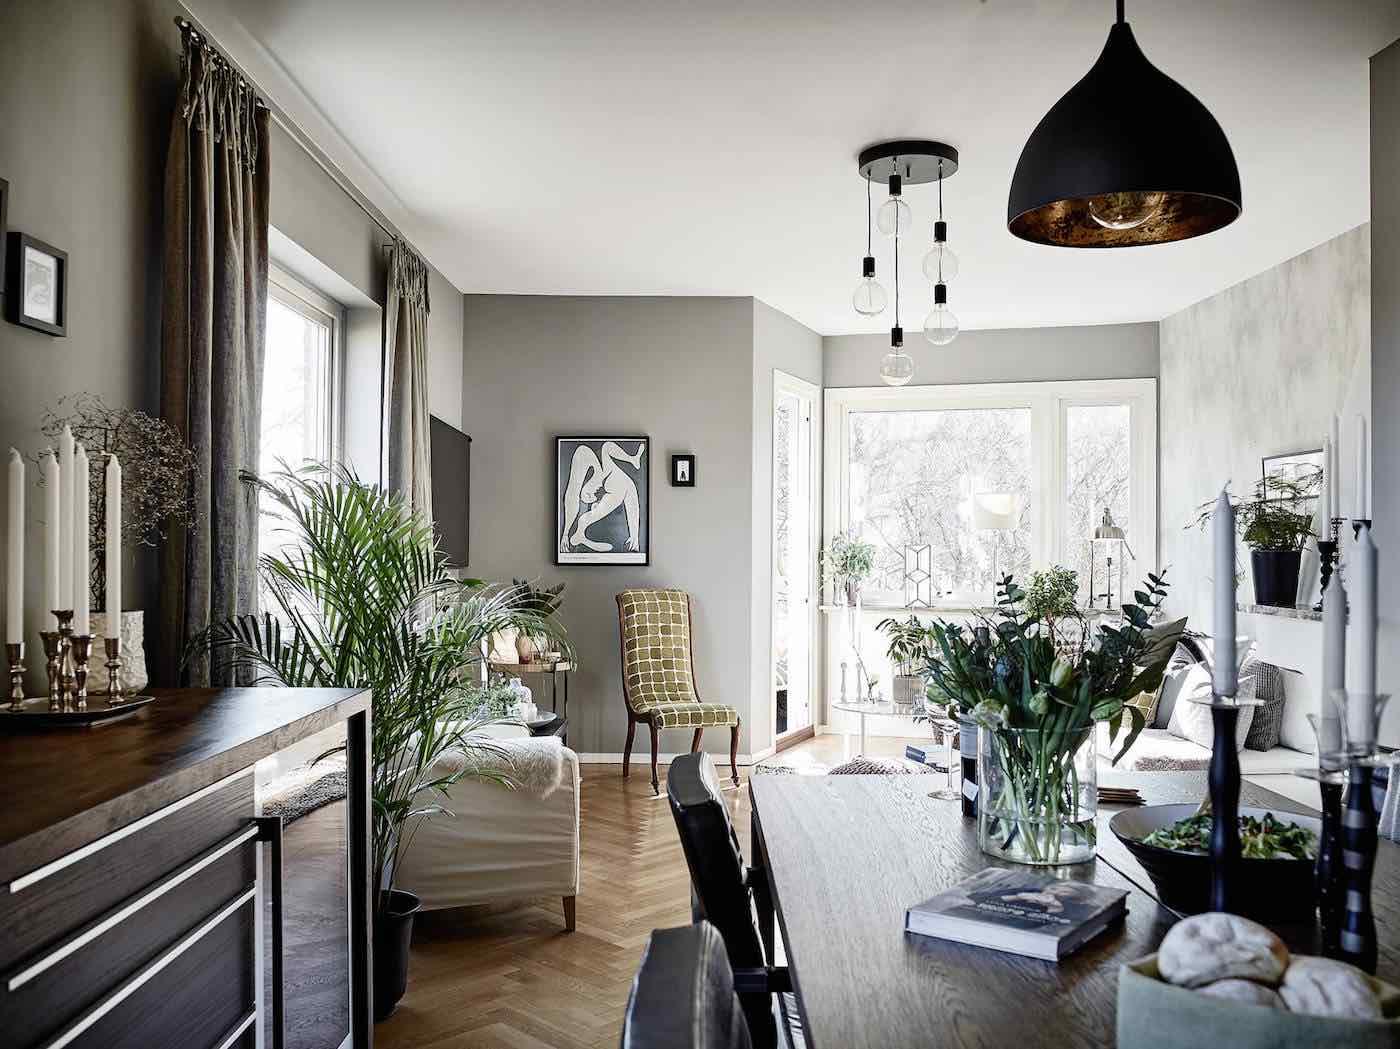 Wohnzimmer einrichten landhausstil modern  Funvit.com | Wohnzimmer Einrichten Landhausstil Modern